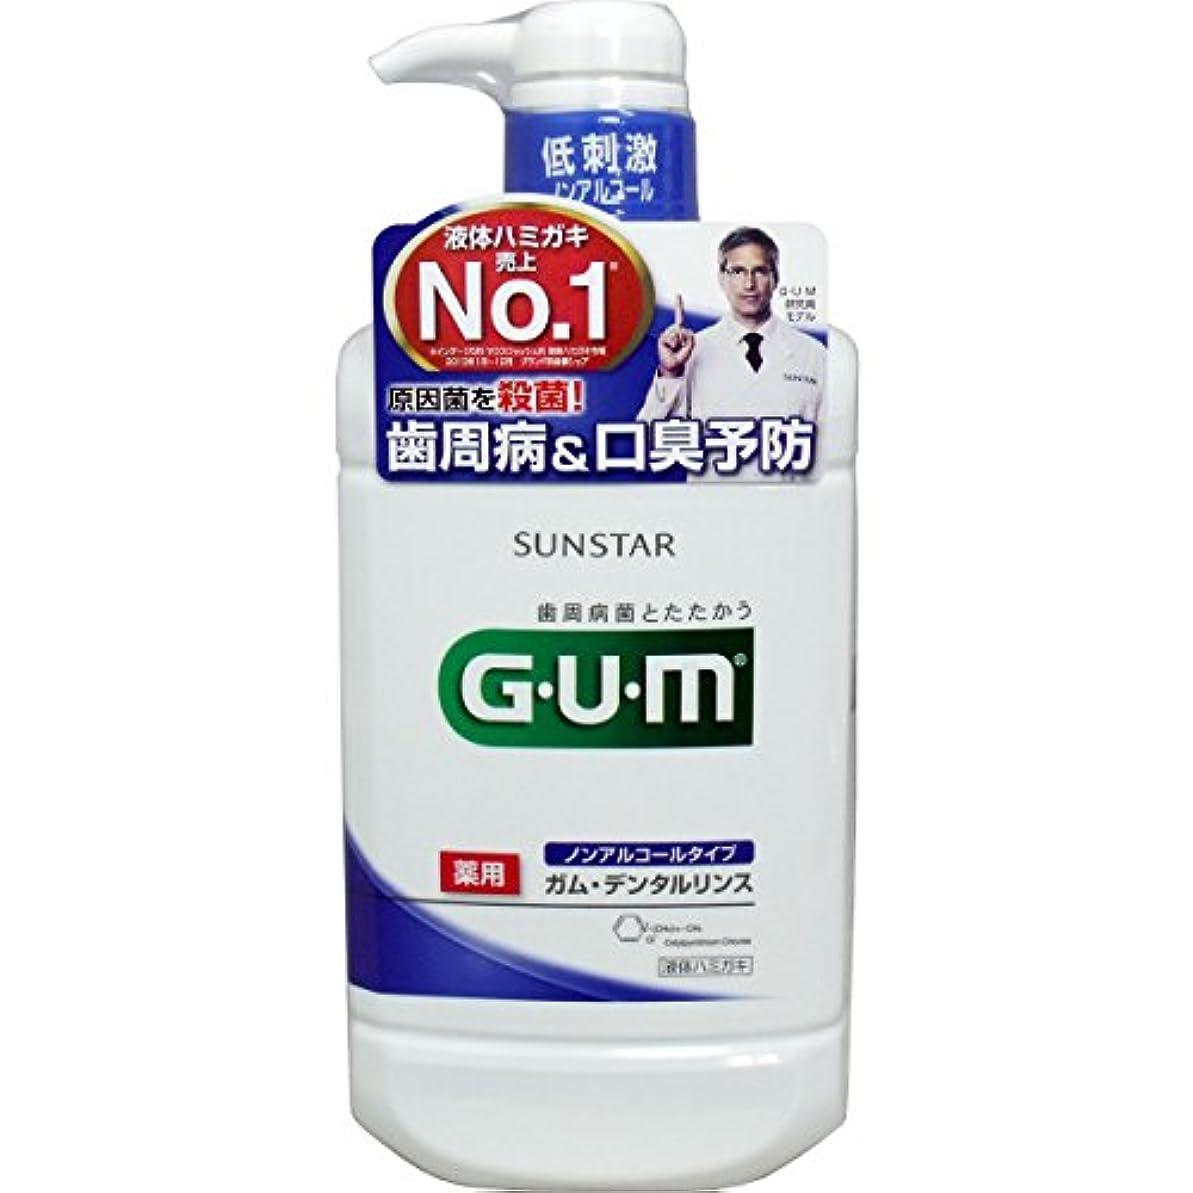 警戒アドバンテージアクロバット【まとめ買い】GUM(ガム)?デンタルリンス (ノンアルコールタイプ) 960mL (医薬部外品)×3個